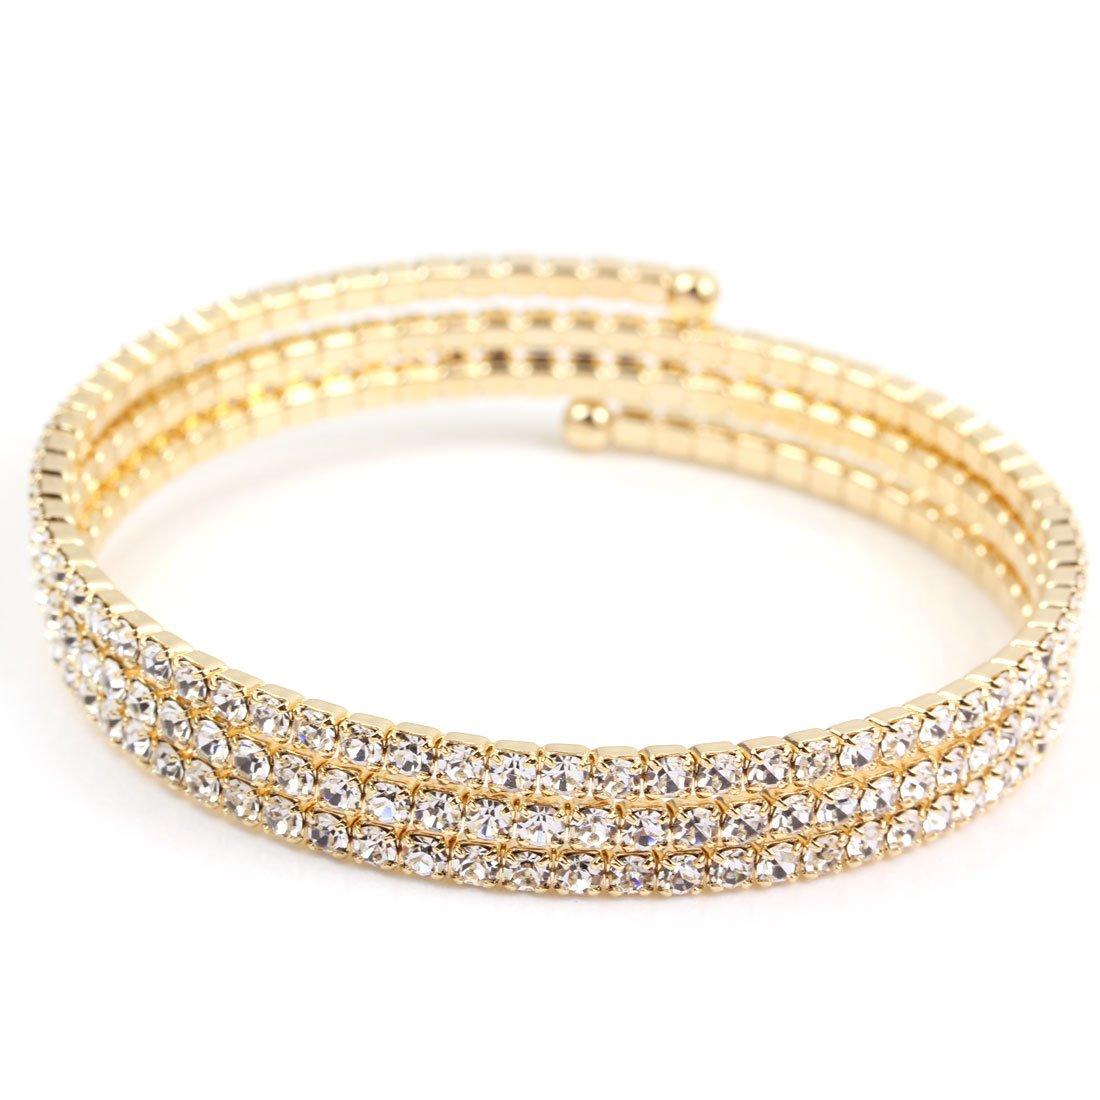 FC JORY Yellow Gold GP CZ Paved Crystal Twisty Tennis Wrap Wedding Tone Bracelet